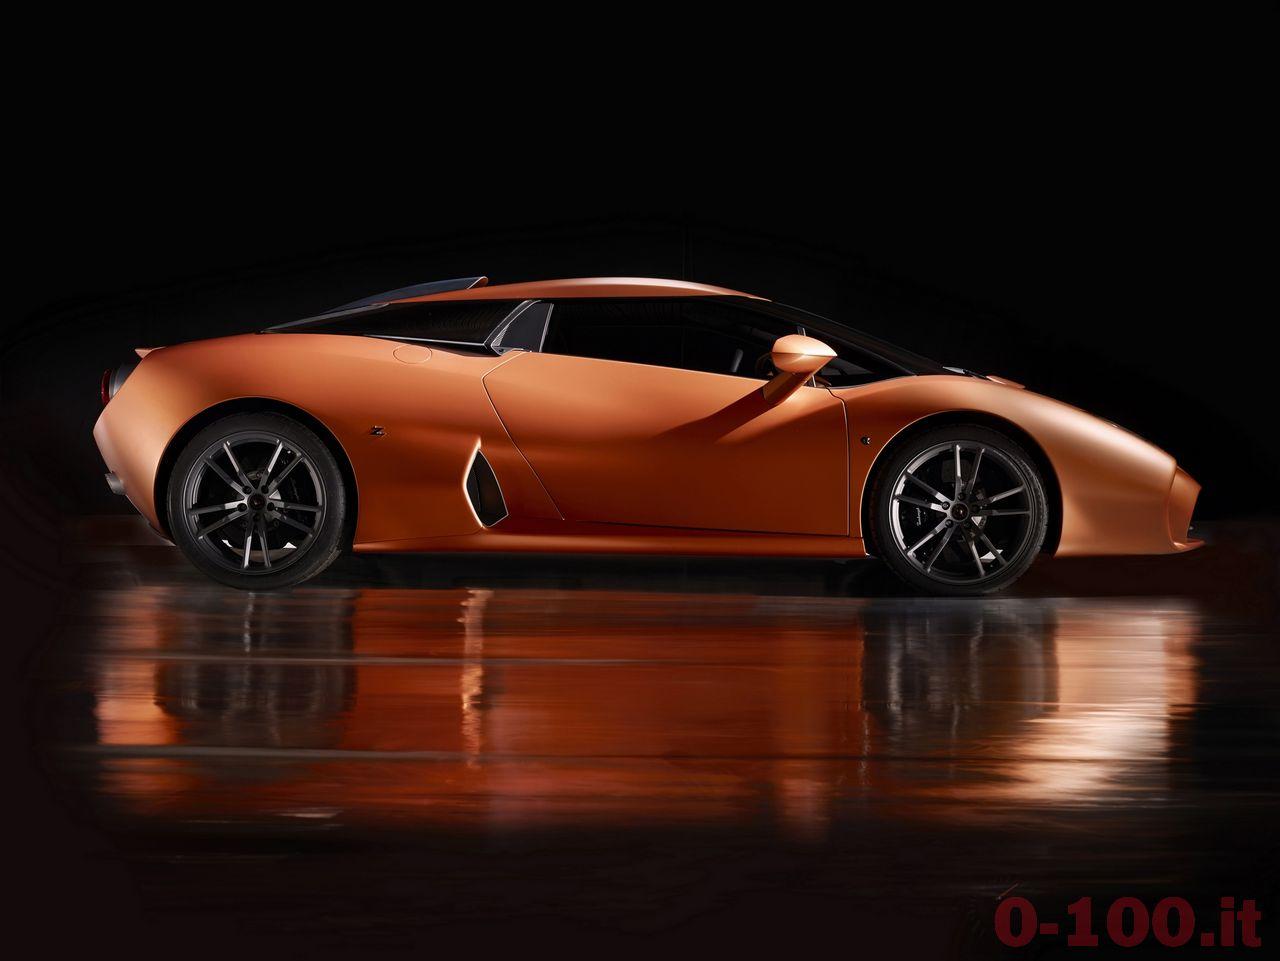 Lamborghini-5-95-Zagato_concorso_villa_deste_2014_Albert _Spiess_0-1002